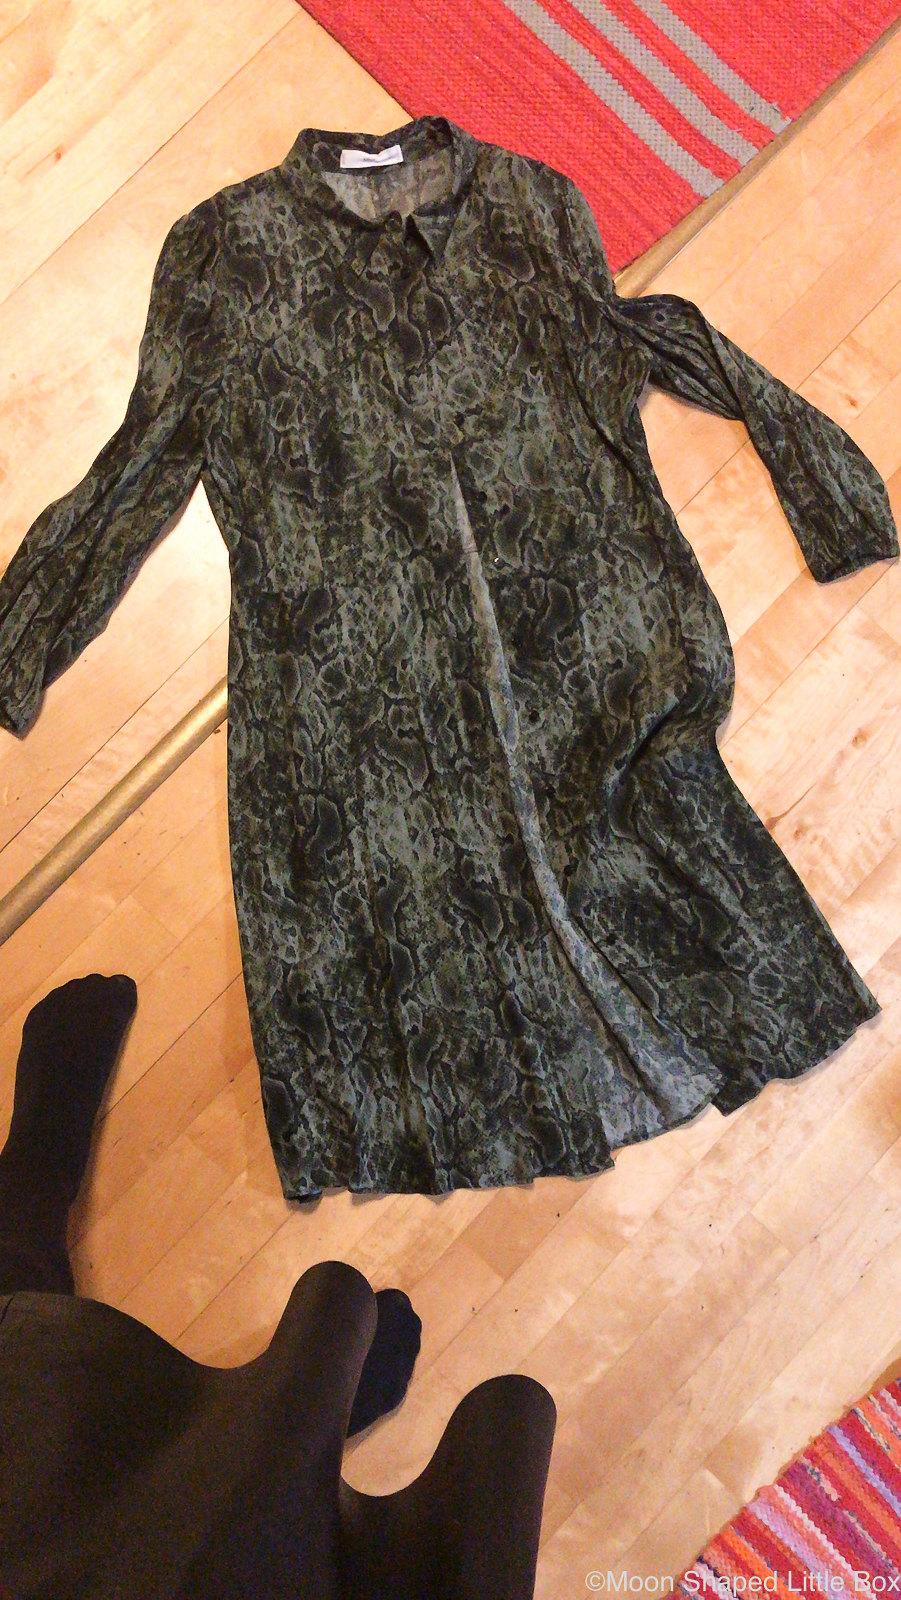 Kaarmekuvioinen-mekko